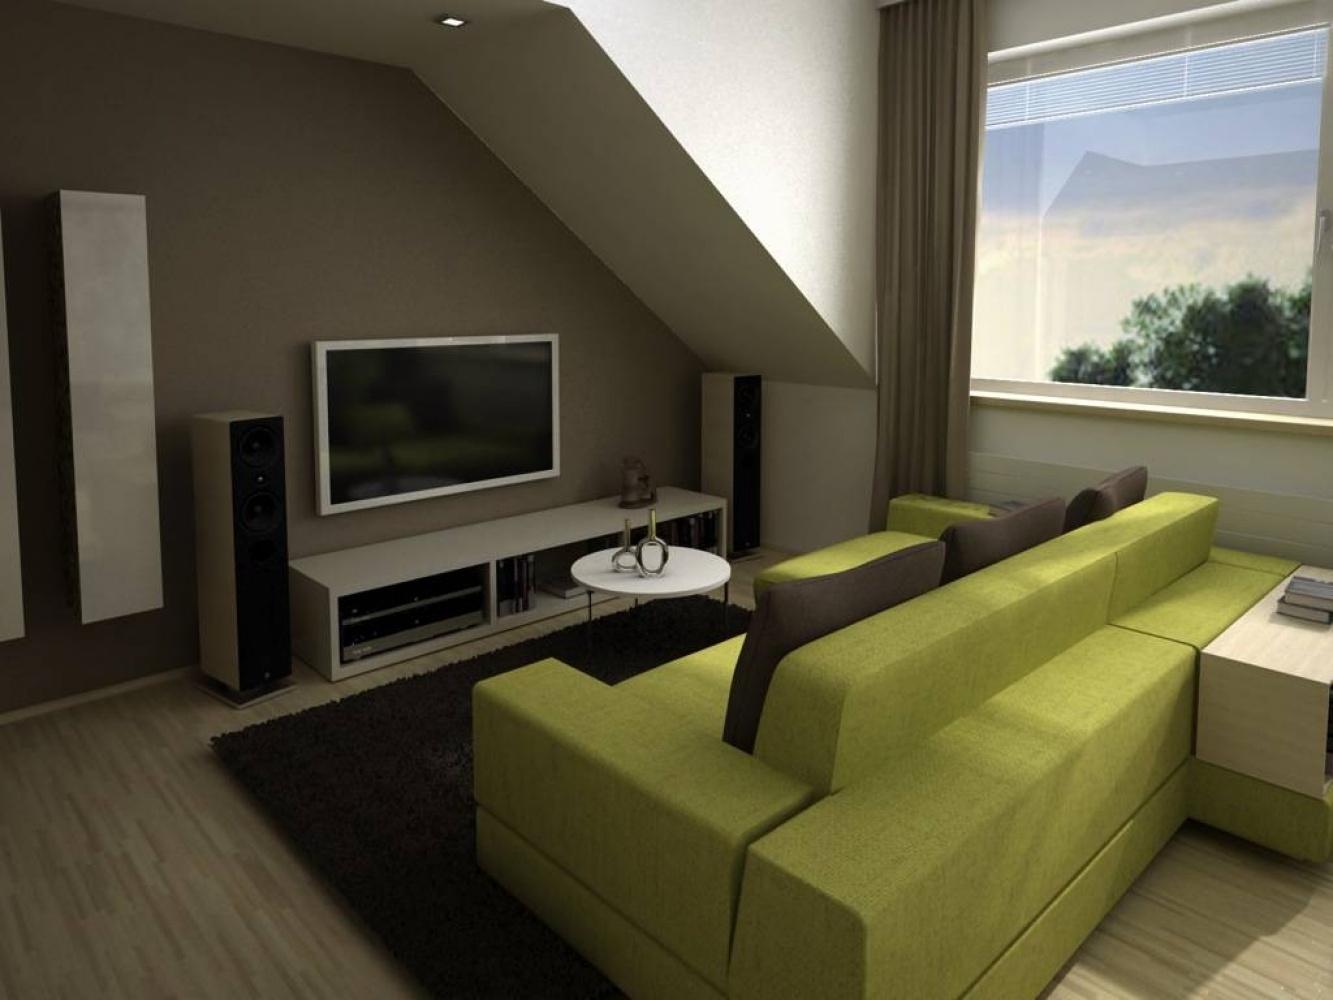 Půdní byt 2+kk, plocha 39 m², ulice U Vody, Praha 7 - Holešovice   3